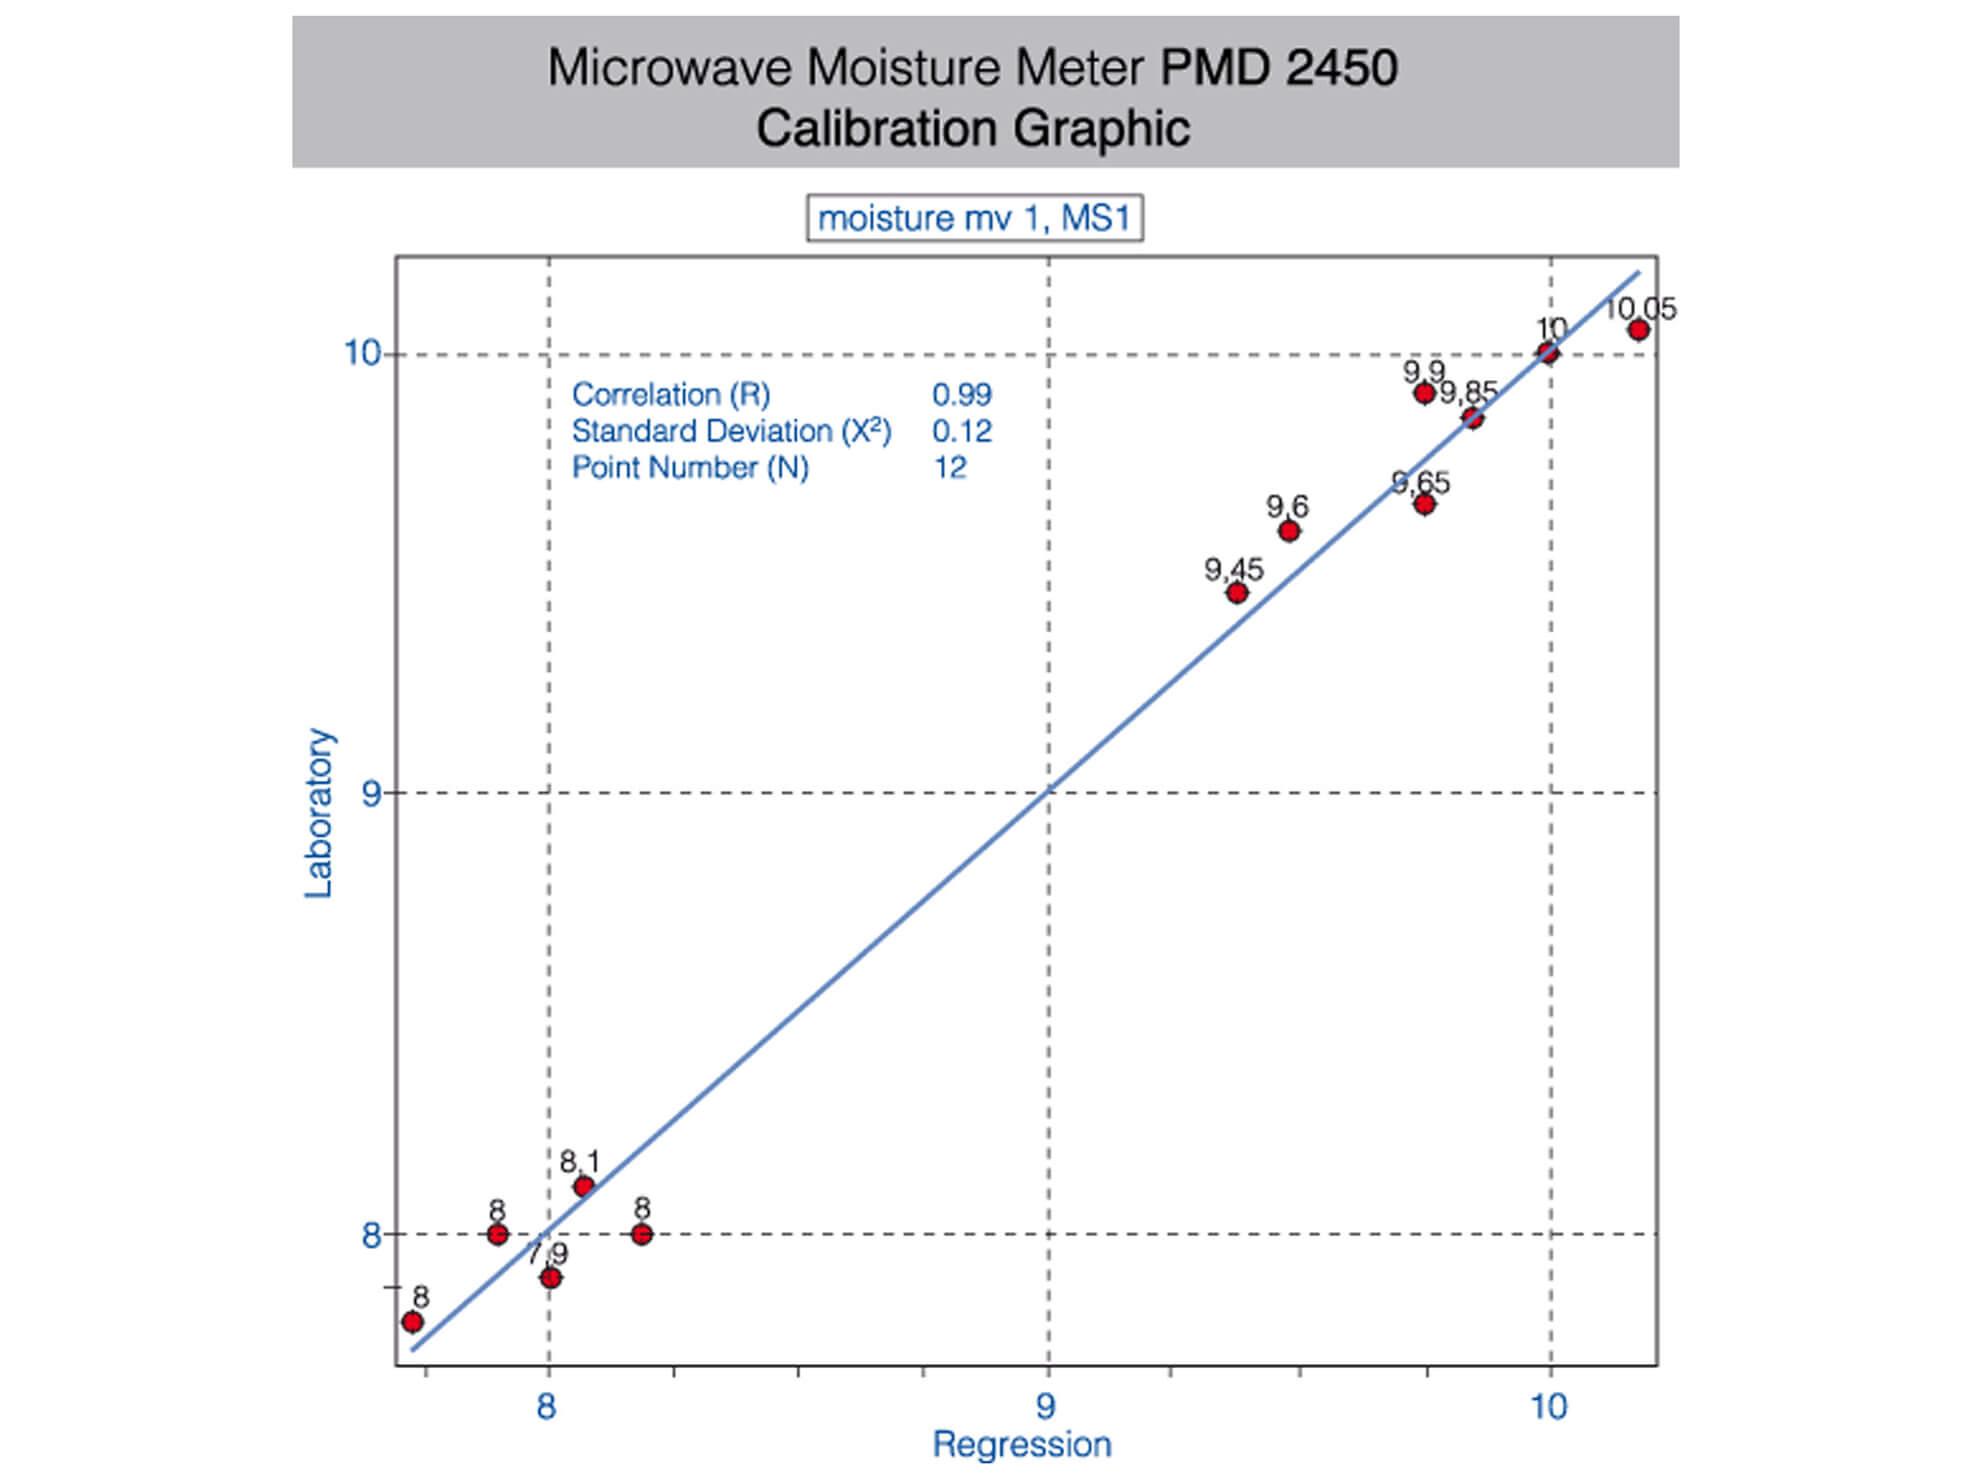 PMD® - Präzisions Mikrowellengerät - Kalibrierungsgrafik - zur Prozesskontrolle in der industriellen Feuchtemessung | InduTech instruments GmbH